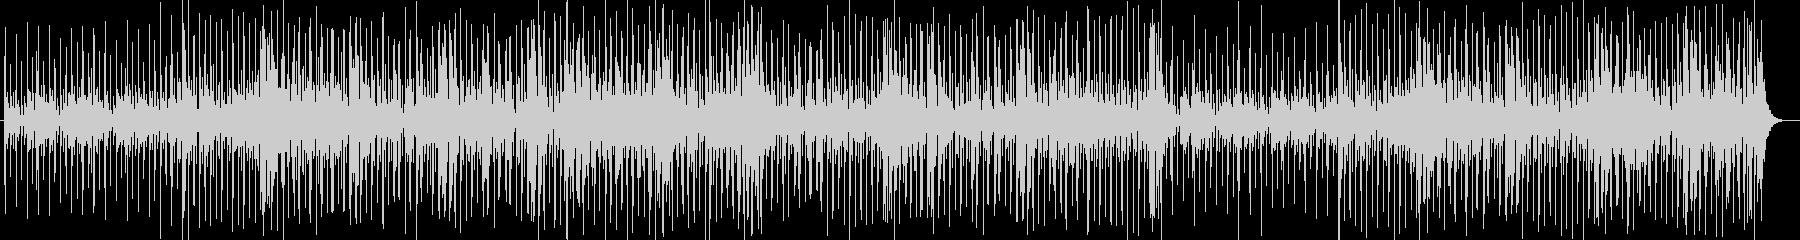 ドラマチックなメロディーのBGMの未再生の波形